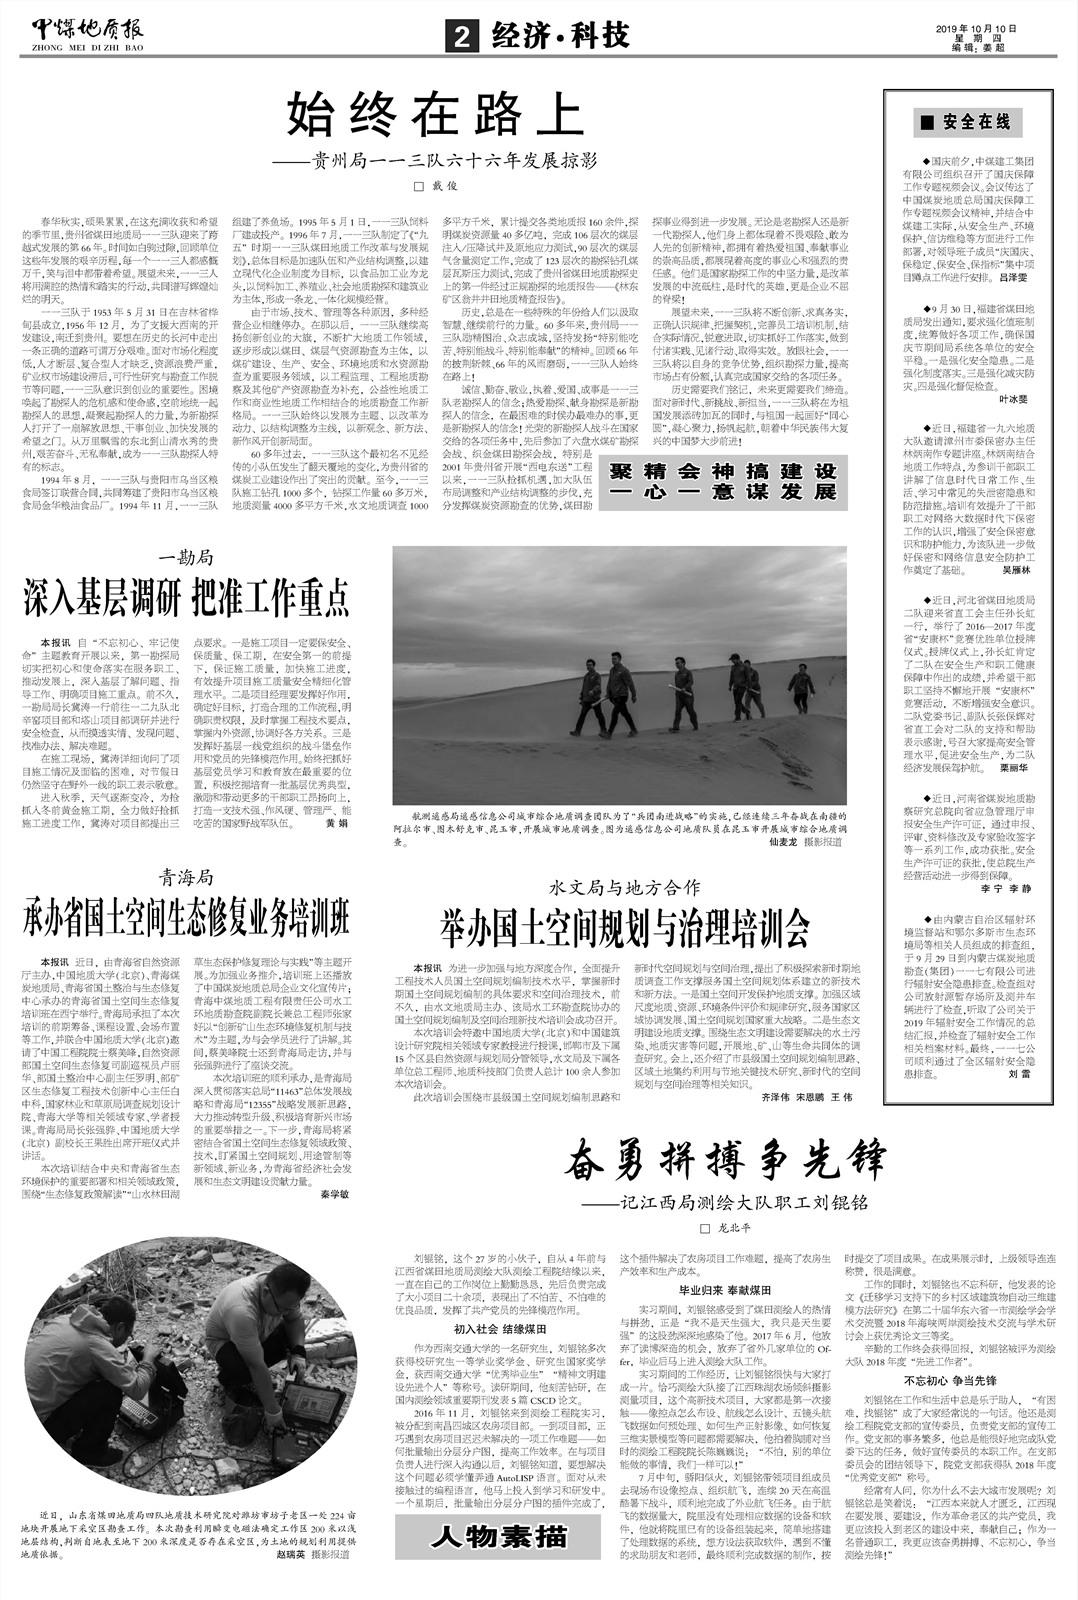 中煤地质报经济 · 科技